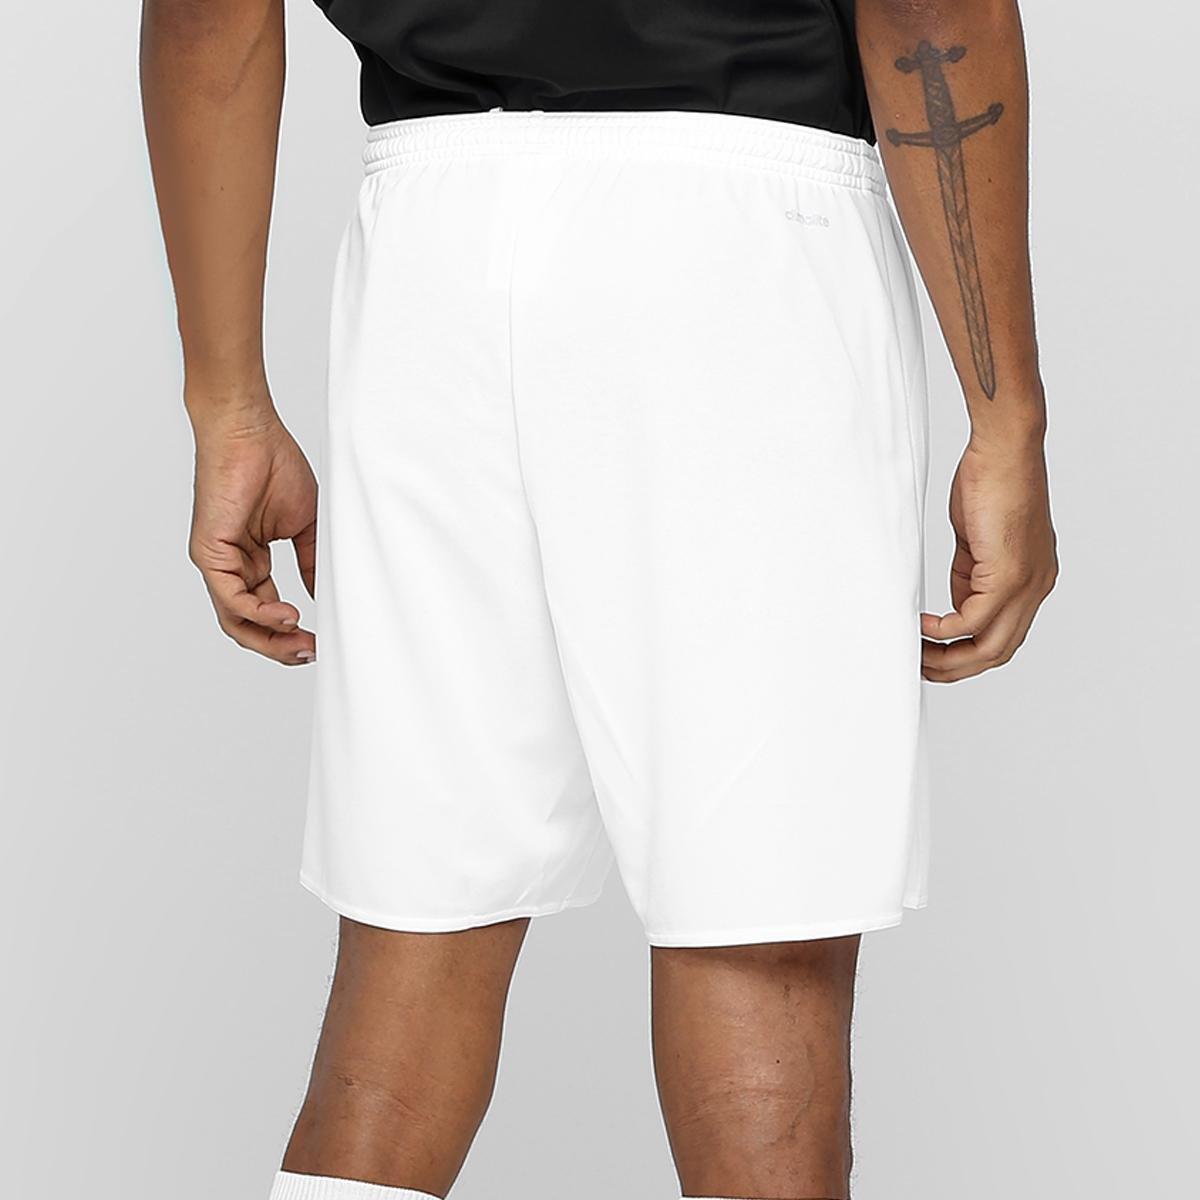 Calção Adidas Parma Masculino  Calção Adidas Parma Masculino ... c11b7d71e5583